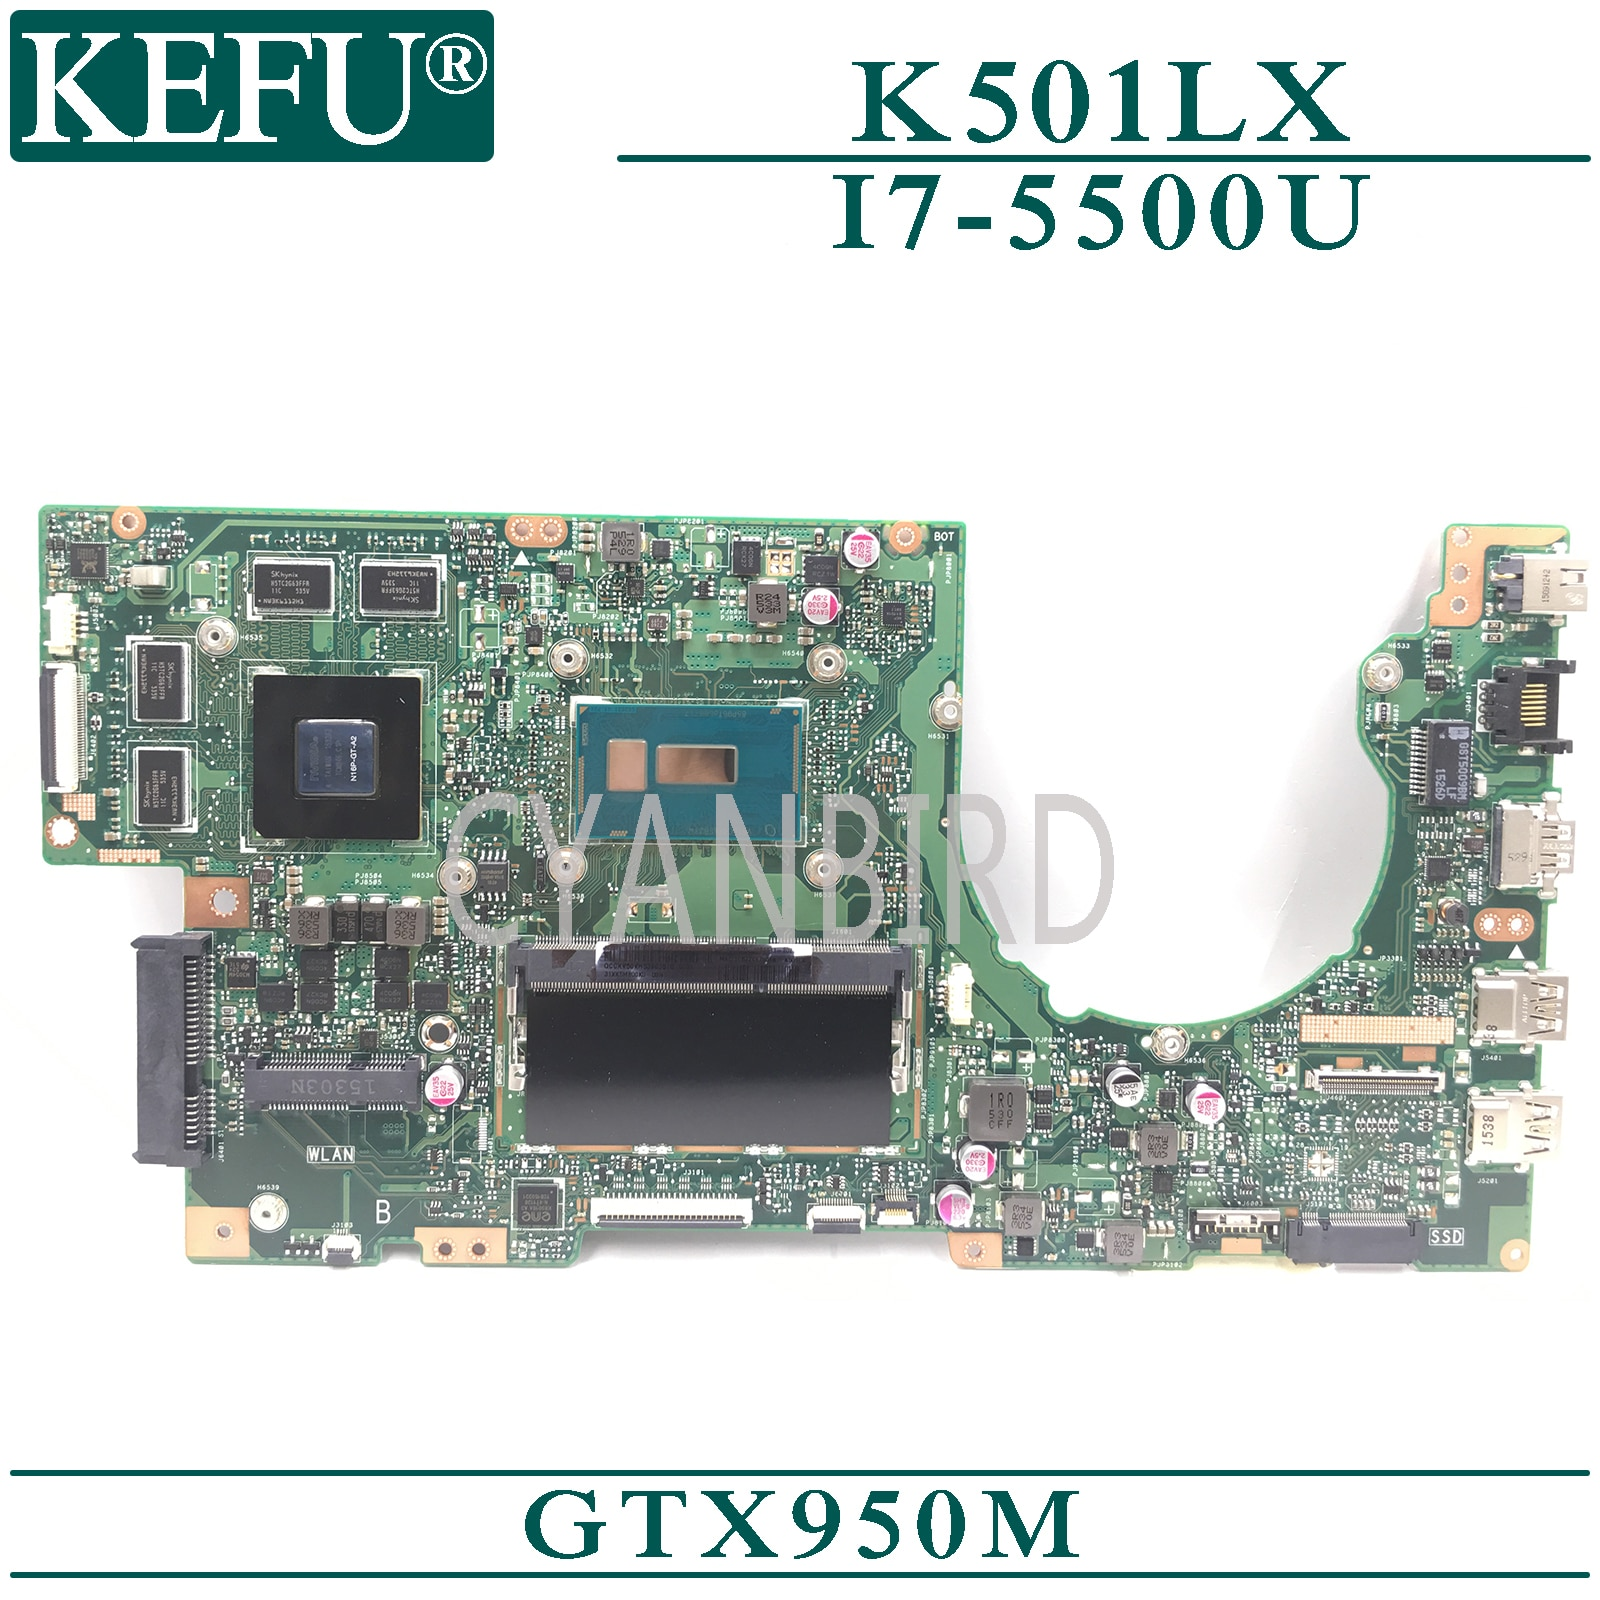 KEFU K501LX الأصلي اللوحة الرئيسية ل ASUS K501LX K501LB مع 4GB-RAM I7-5500U GTX950M اللوحة الأم للكمبيوتر المحمول